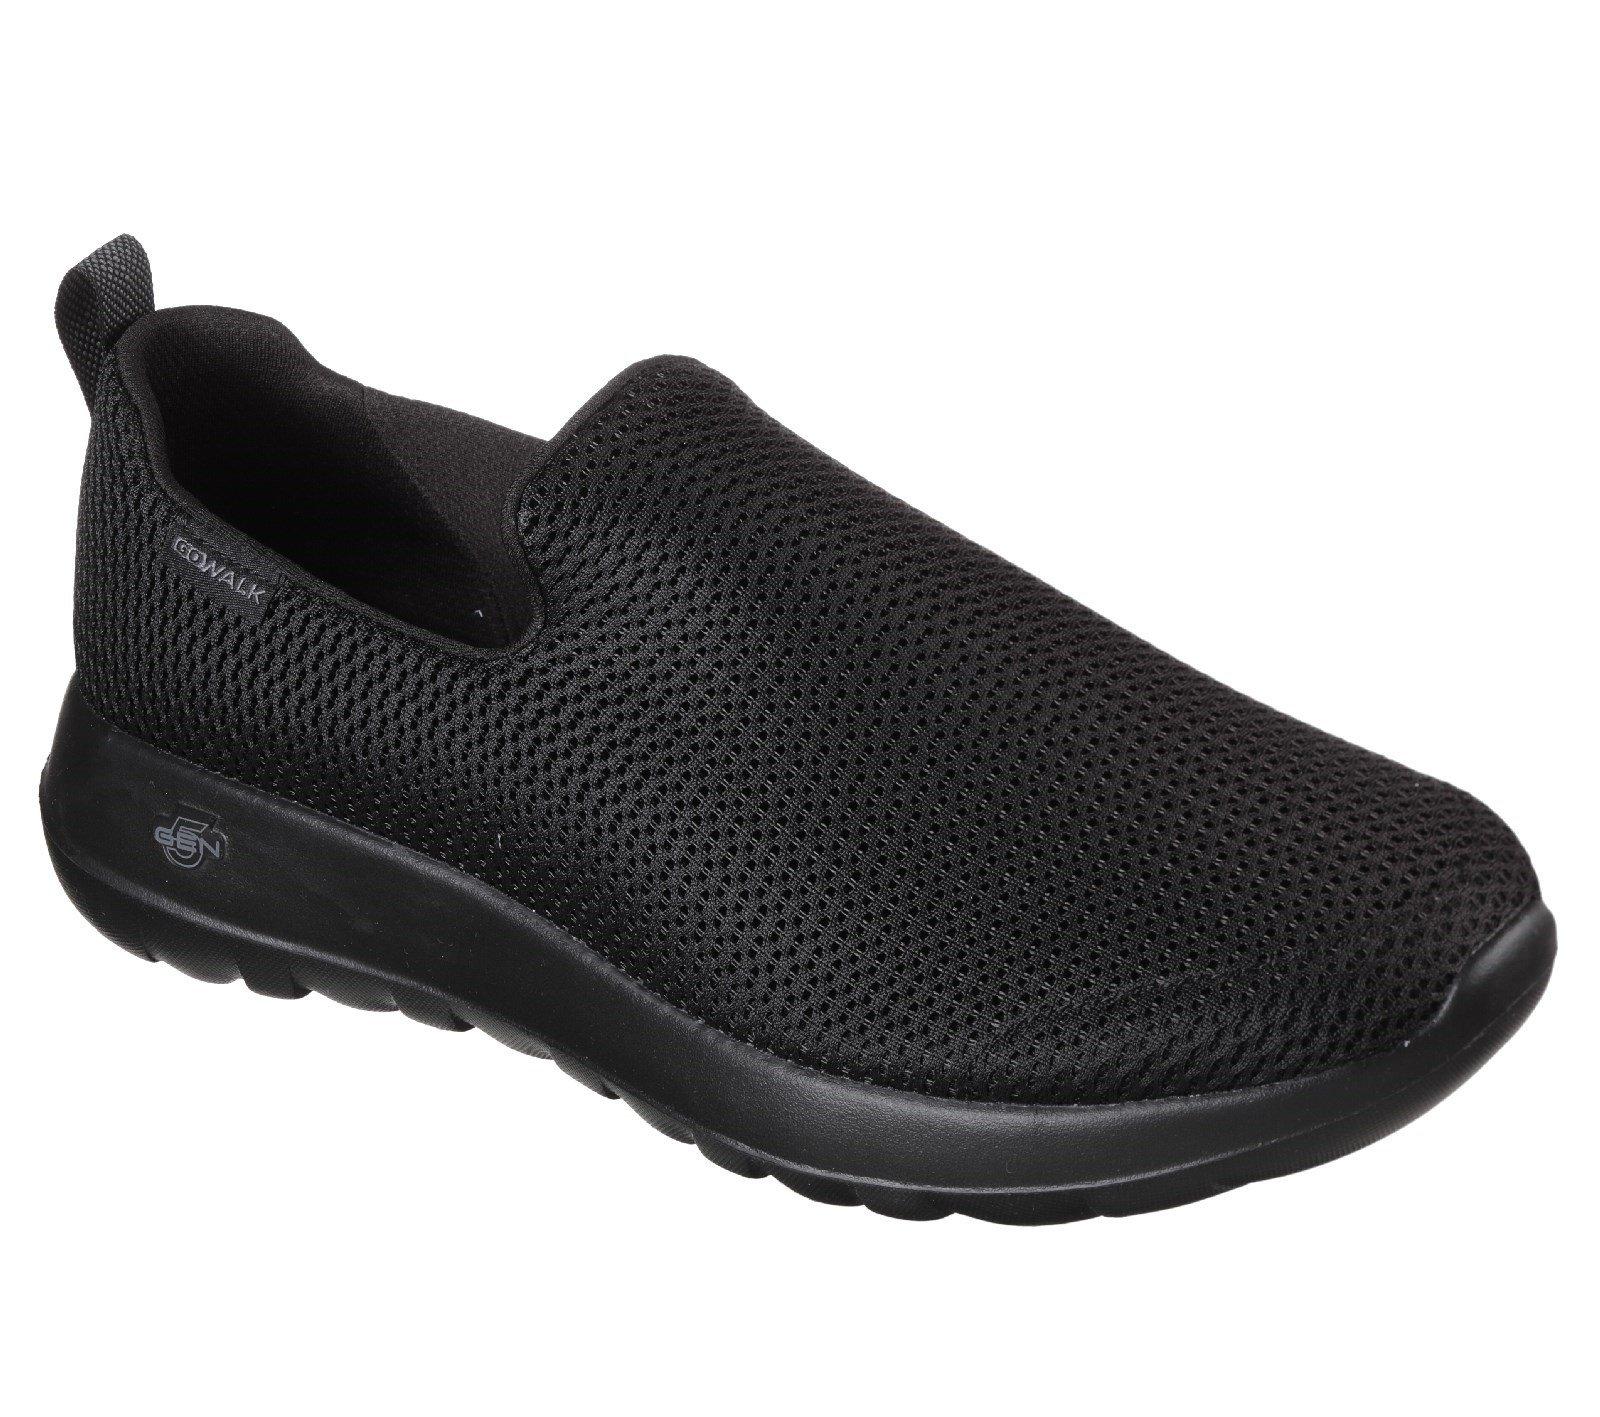 Skechers Men's GOwalk Max Slip On Trainer Black 26508 - Black/Black 7